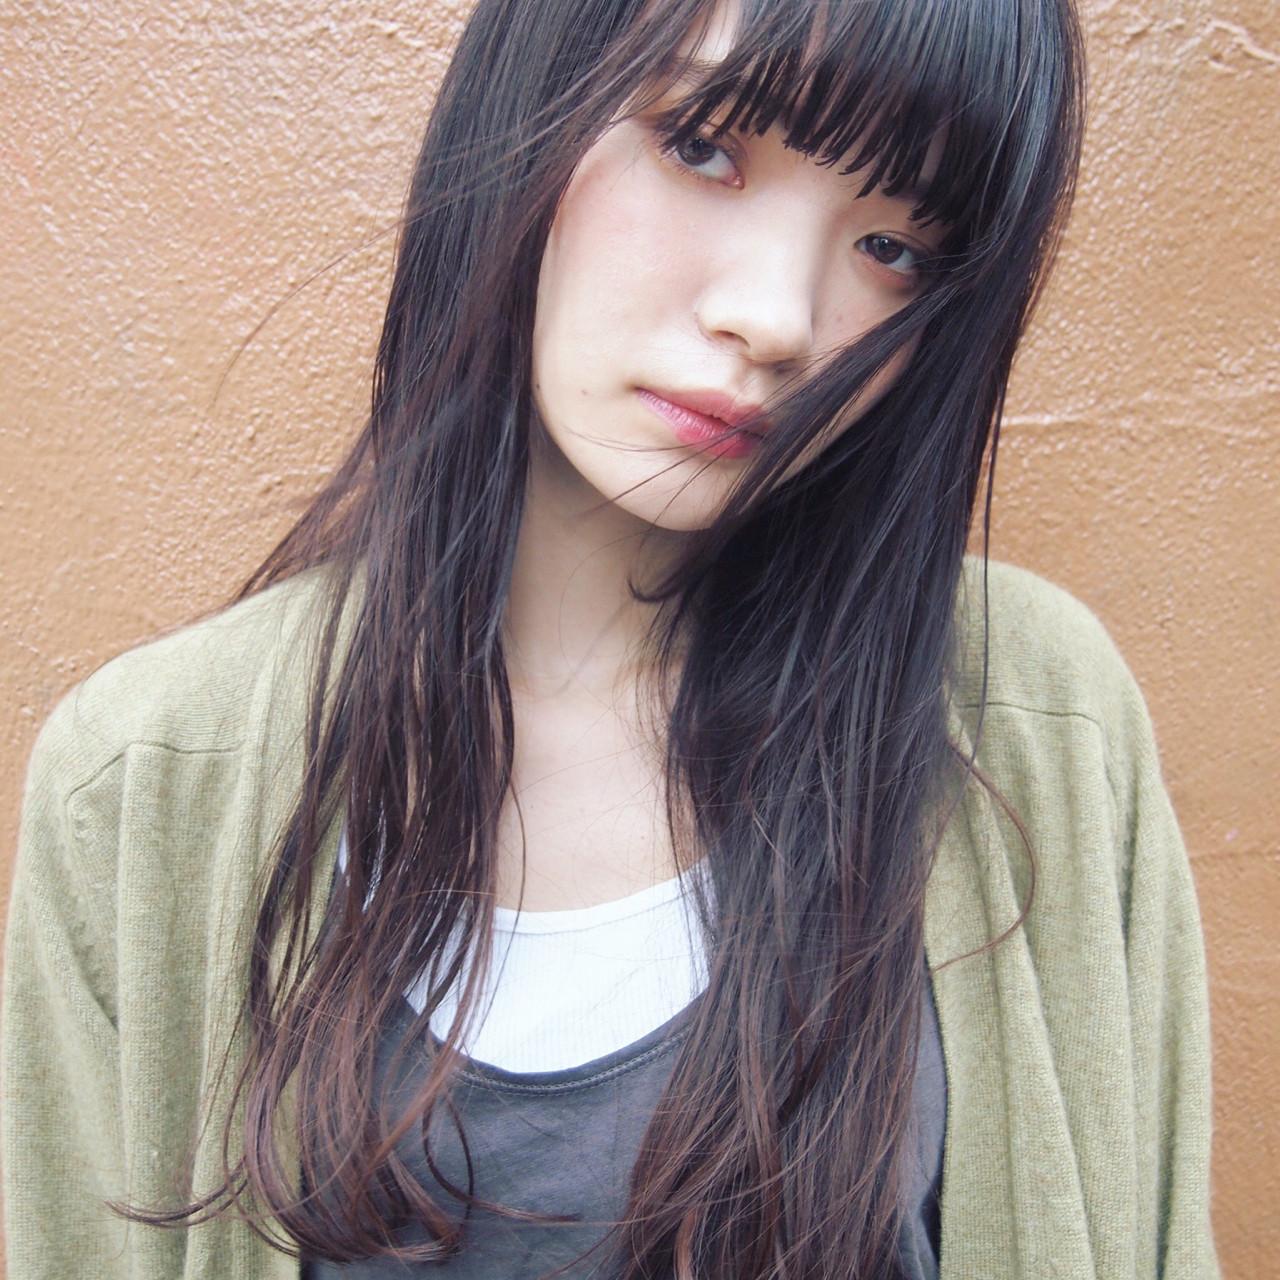 ロングヘアは清楚で上品な女性を演出 UEKI/nanuk | nanuk二子玉川